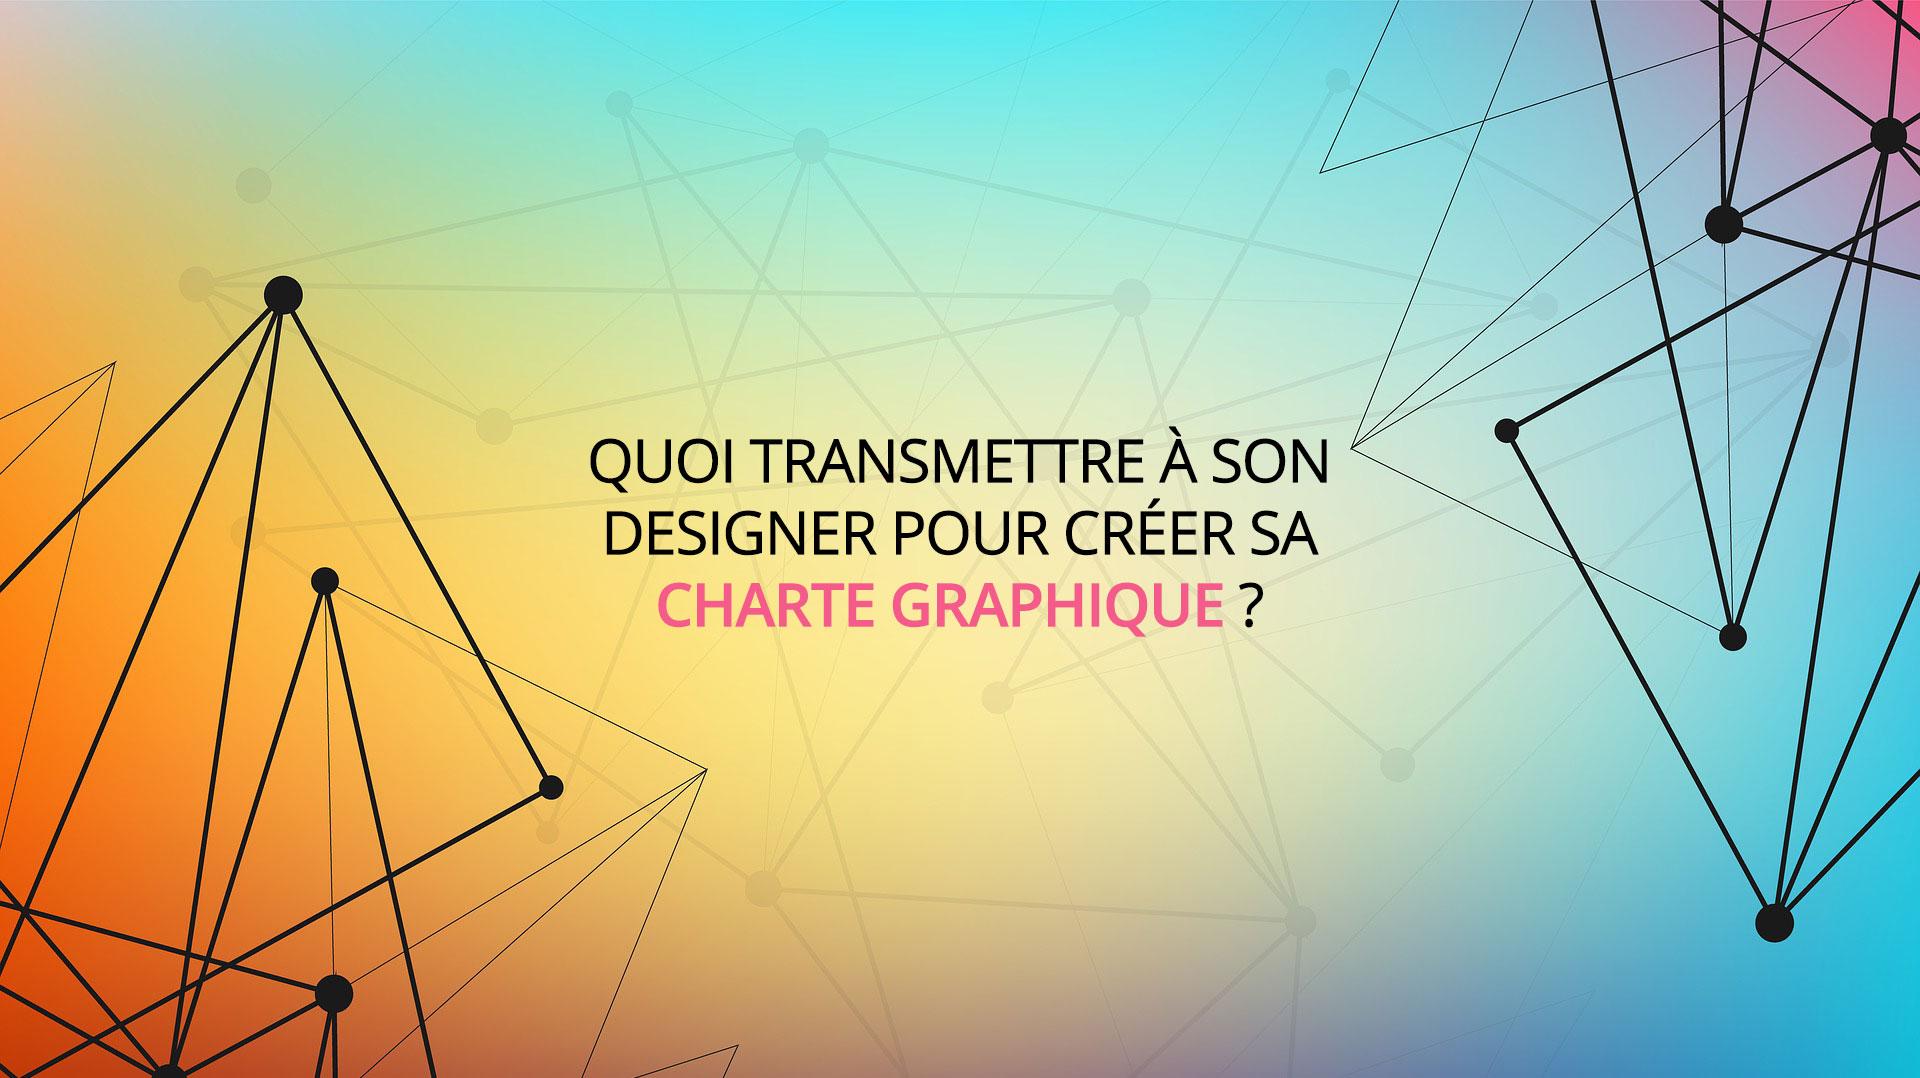 Illusatration Quoi transmettre à son designer pour créer sa charte graphique ?